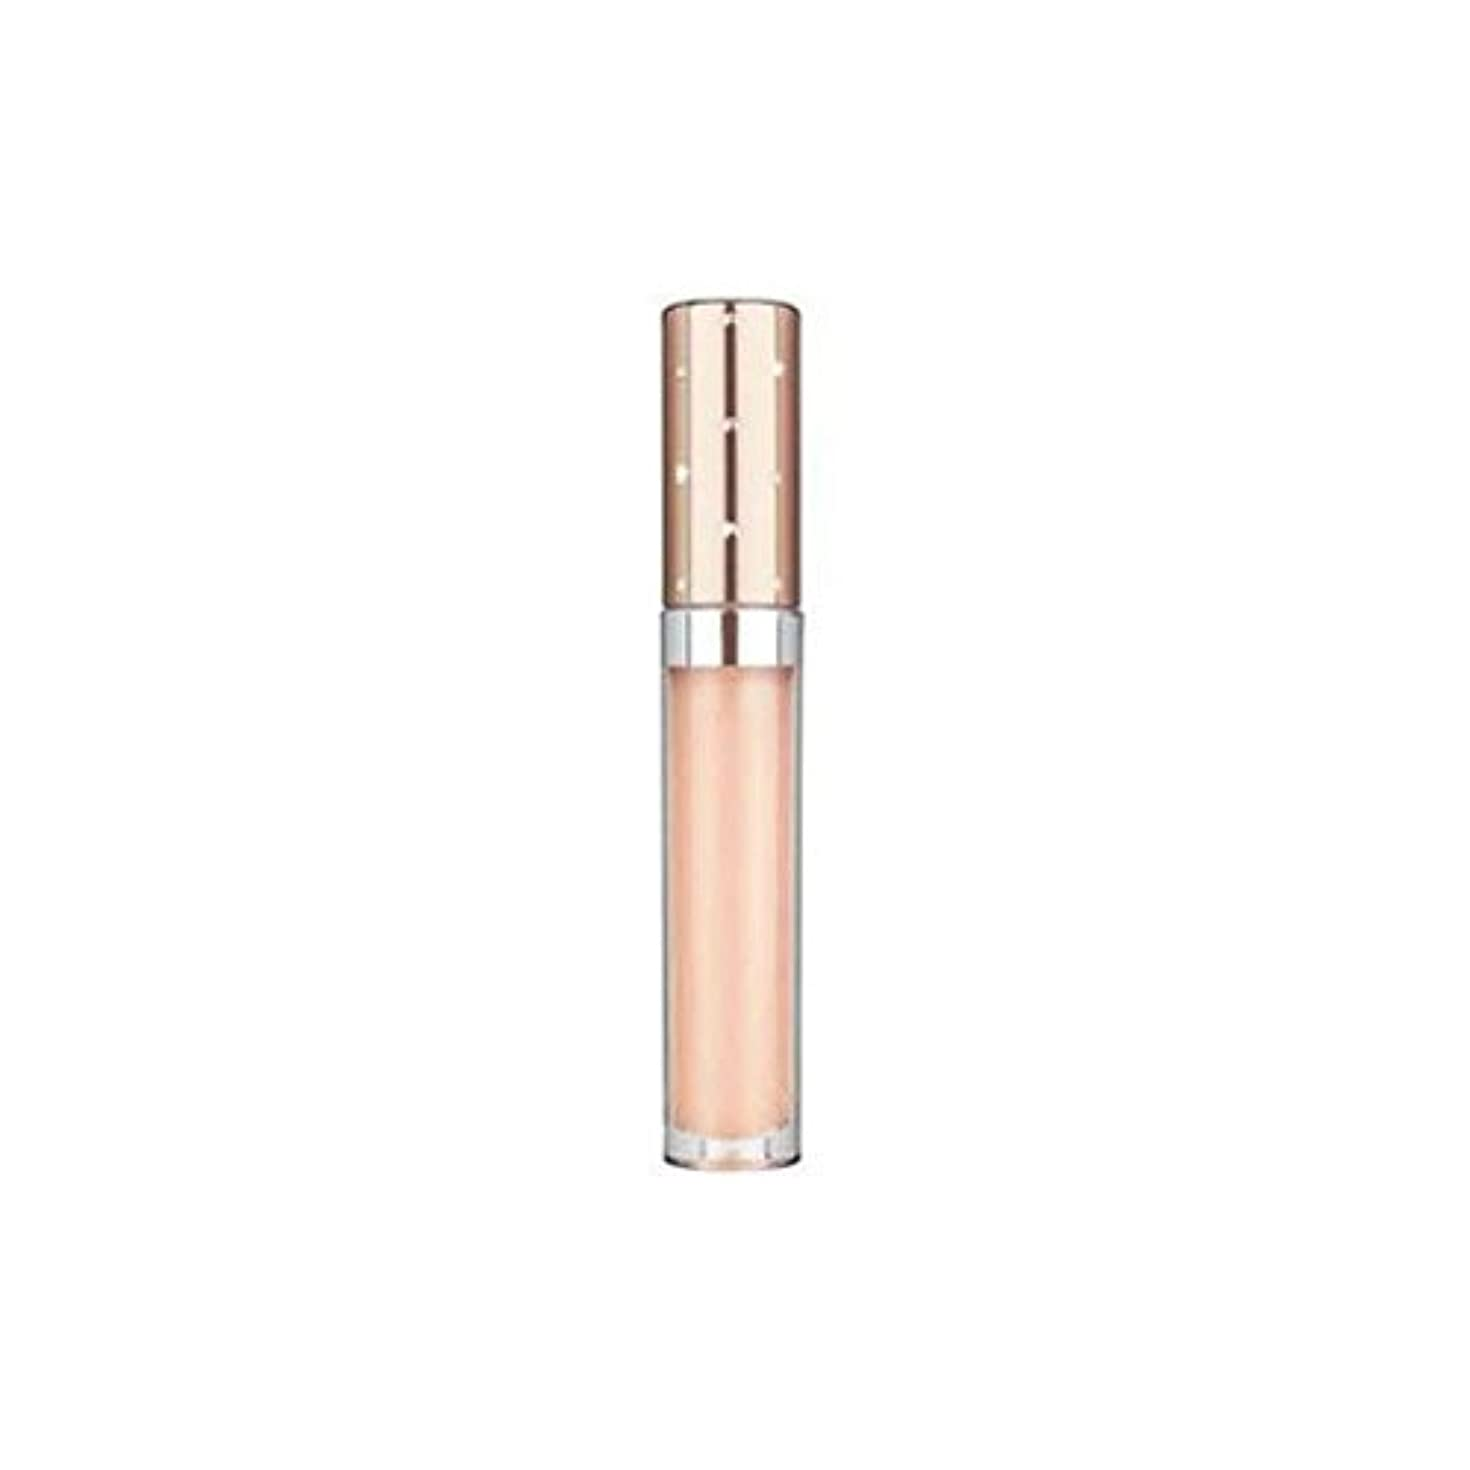 放棄するスーパーマーケット広範囲インスタントリップパーフェクション15(5ミリリットル) x2 - Nubo Instant Lip Perfection Spf15 (5ml) (Pack of 2) [並行輸入品]